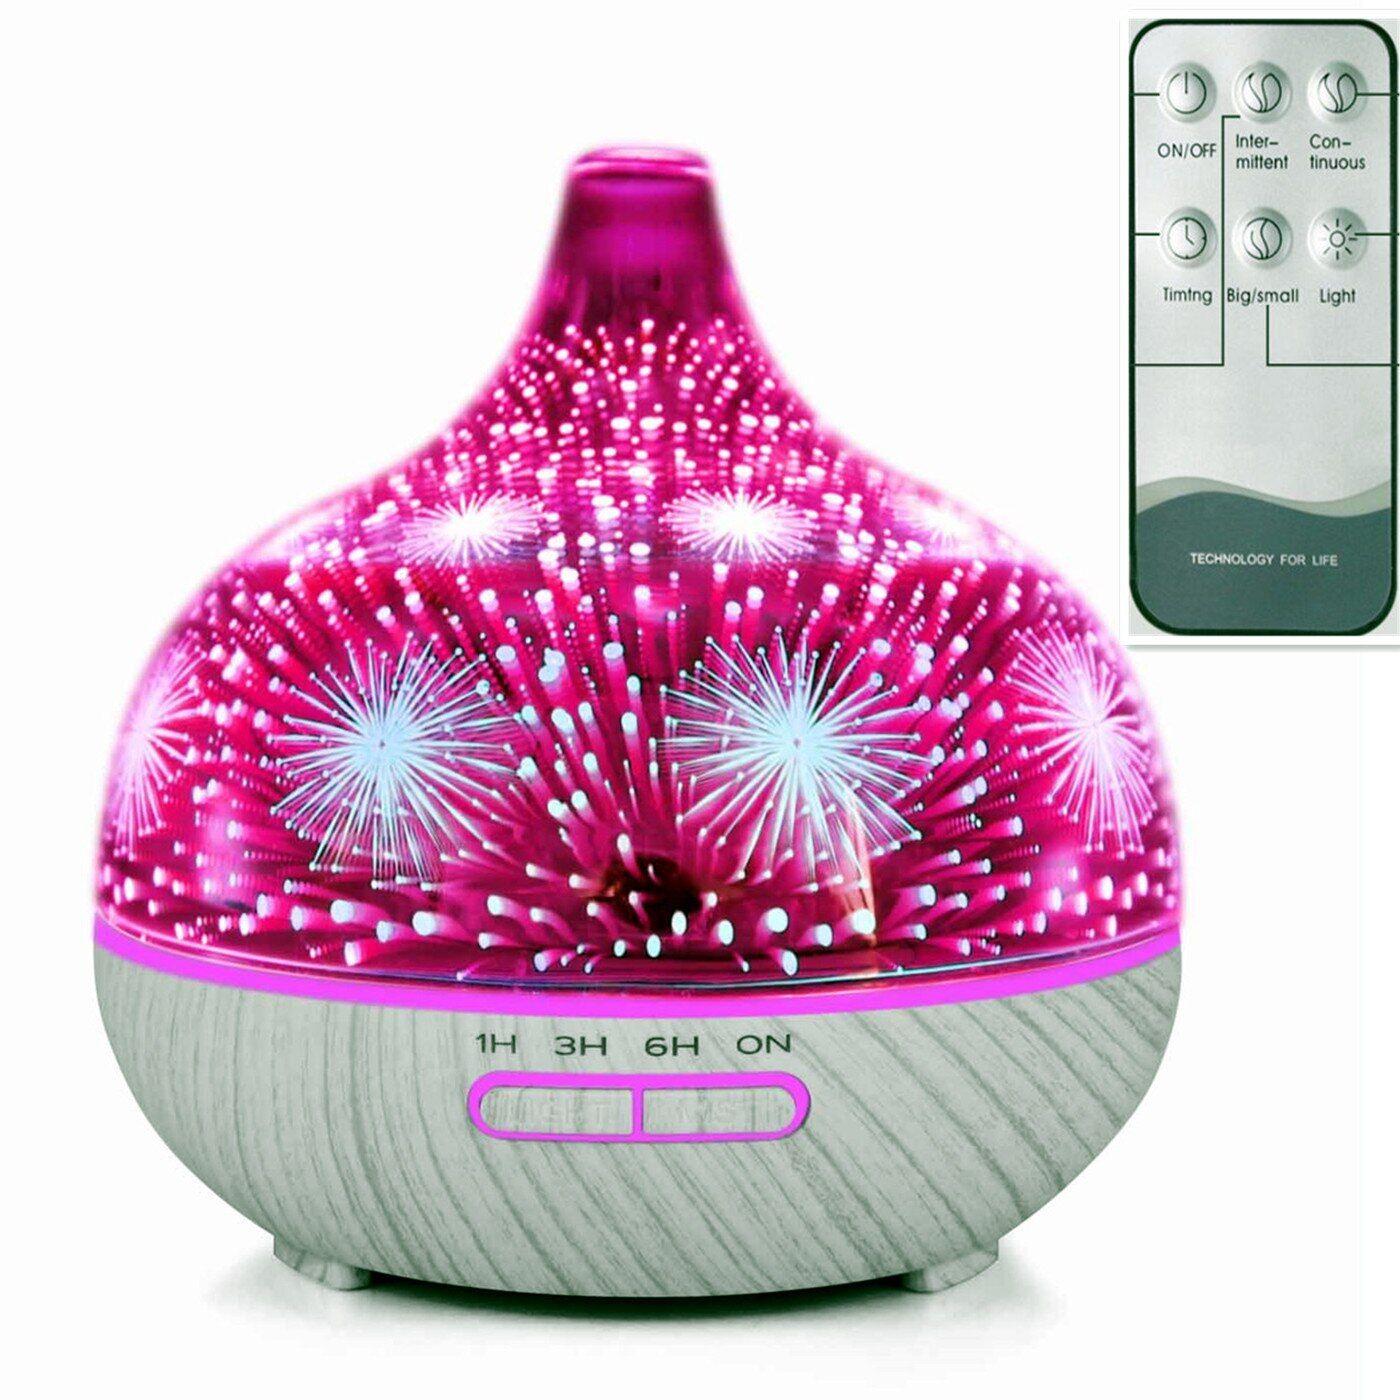 AliExpress Humidificateur ultrasonique avec télécommande, feux d'artifice 3D, diffuseur d'huile essentielle